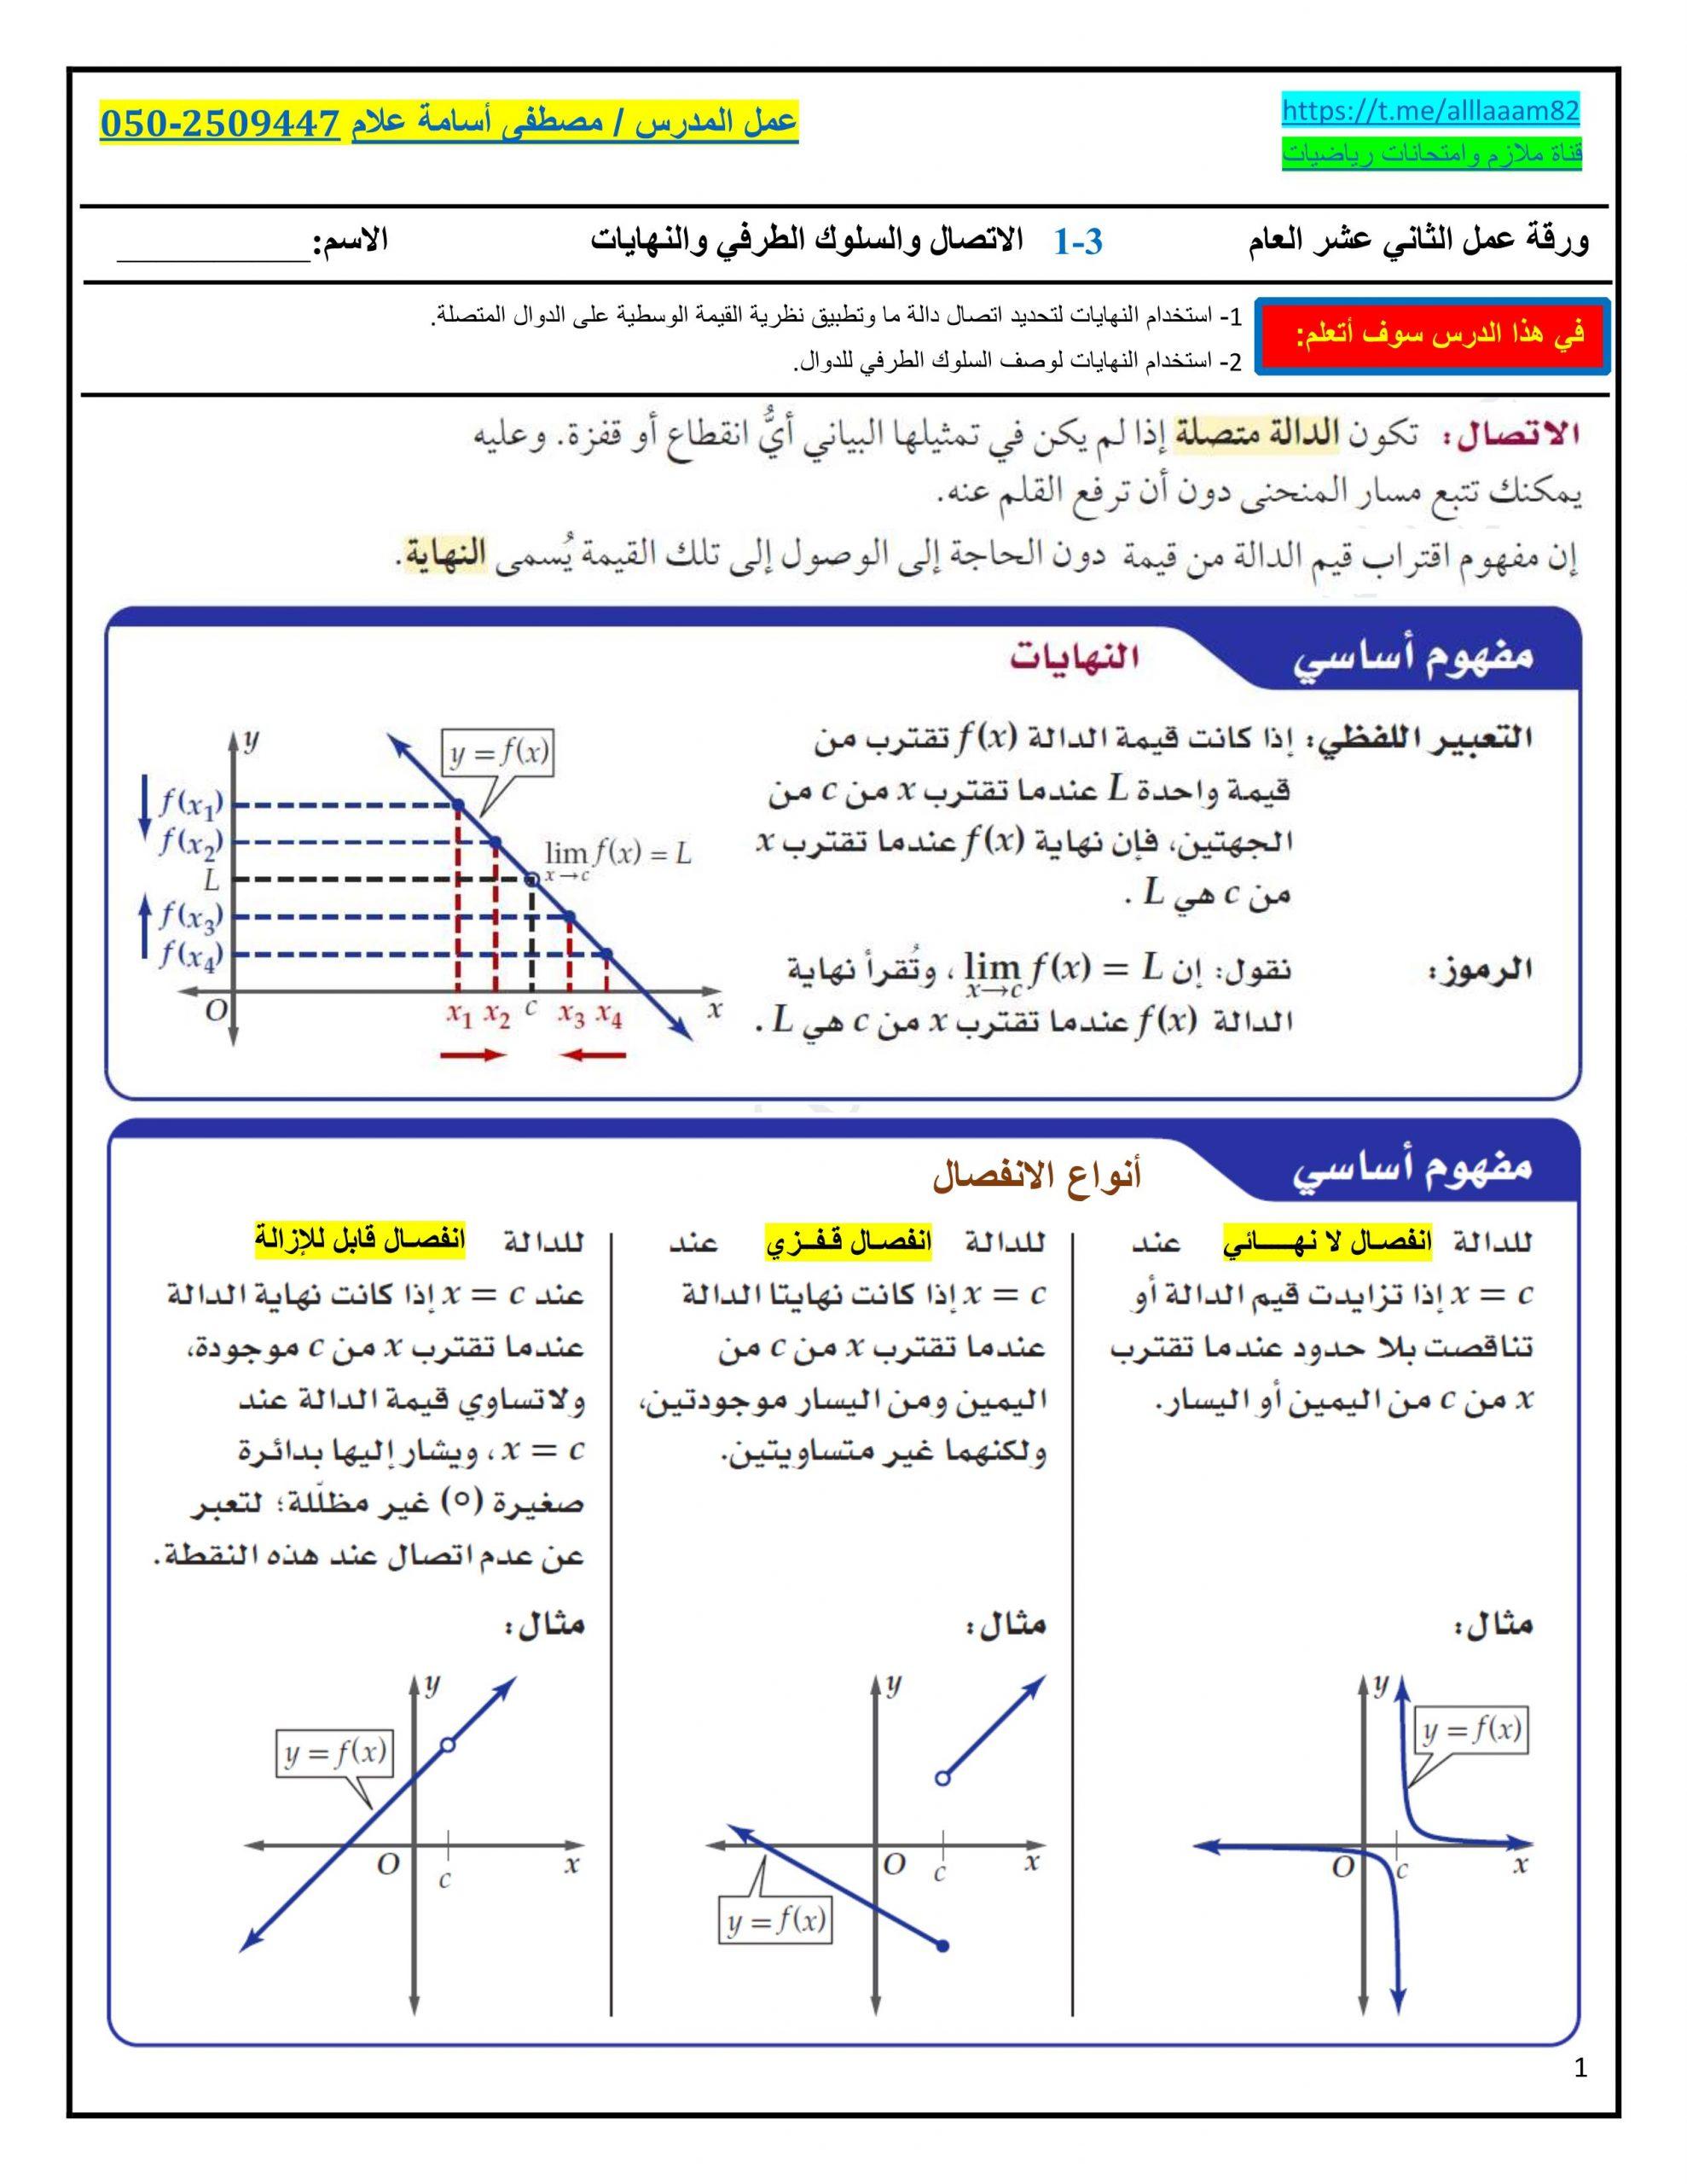 ورقة عمل الاتصال والسلوك الطرفي والنهايات مع الاجابات للصف الثاني عشر عام مادة الرياضيات المتكاملة